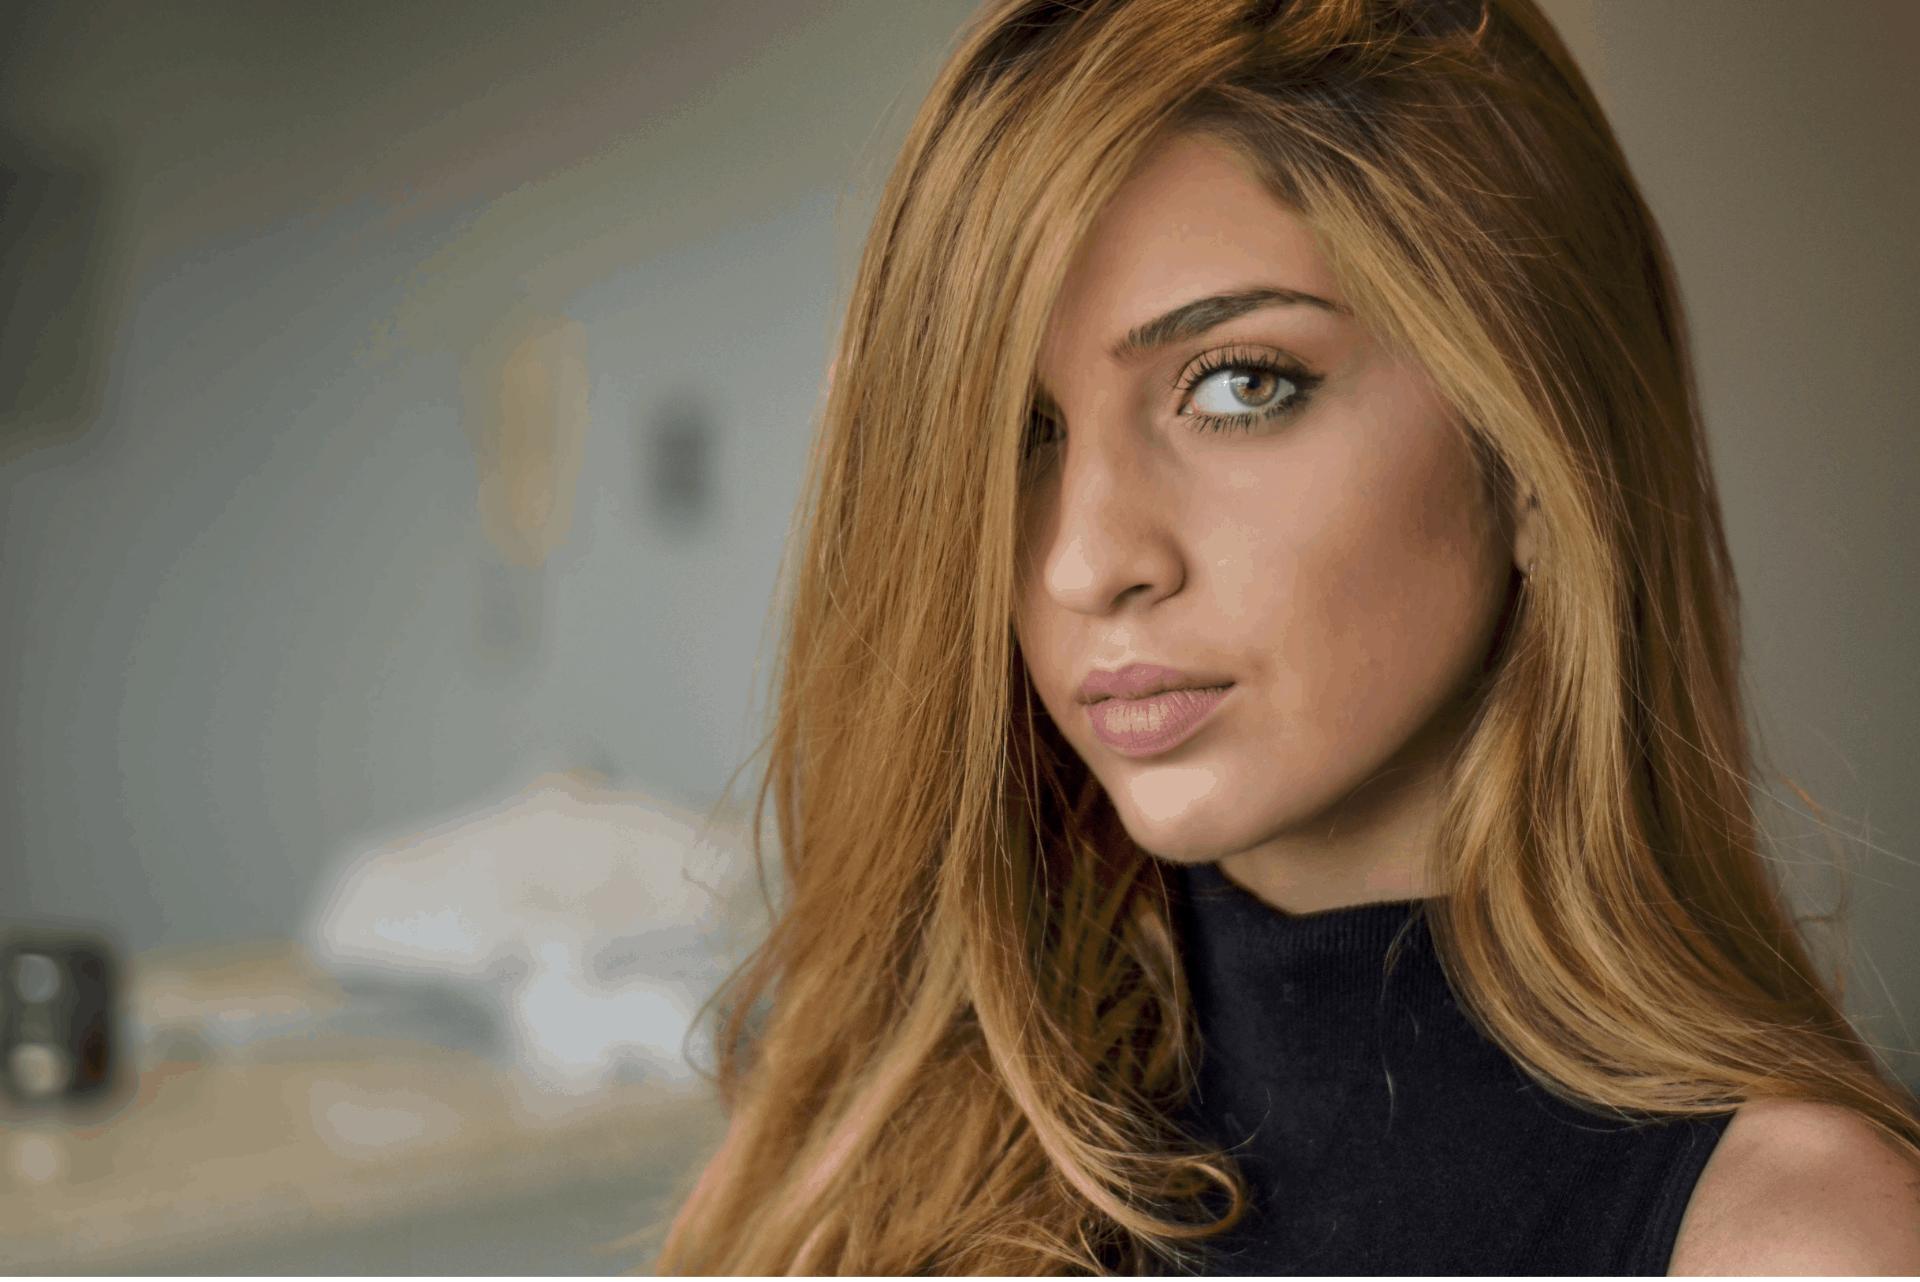 blonde for olive skin